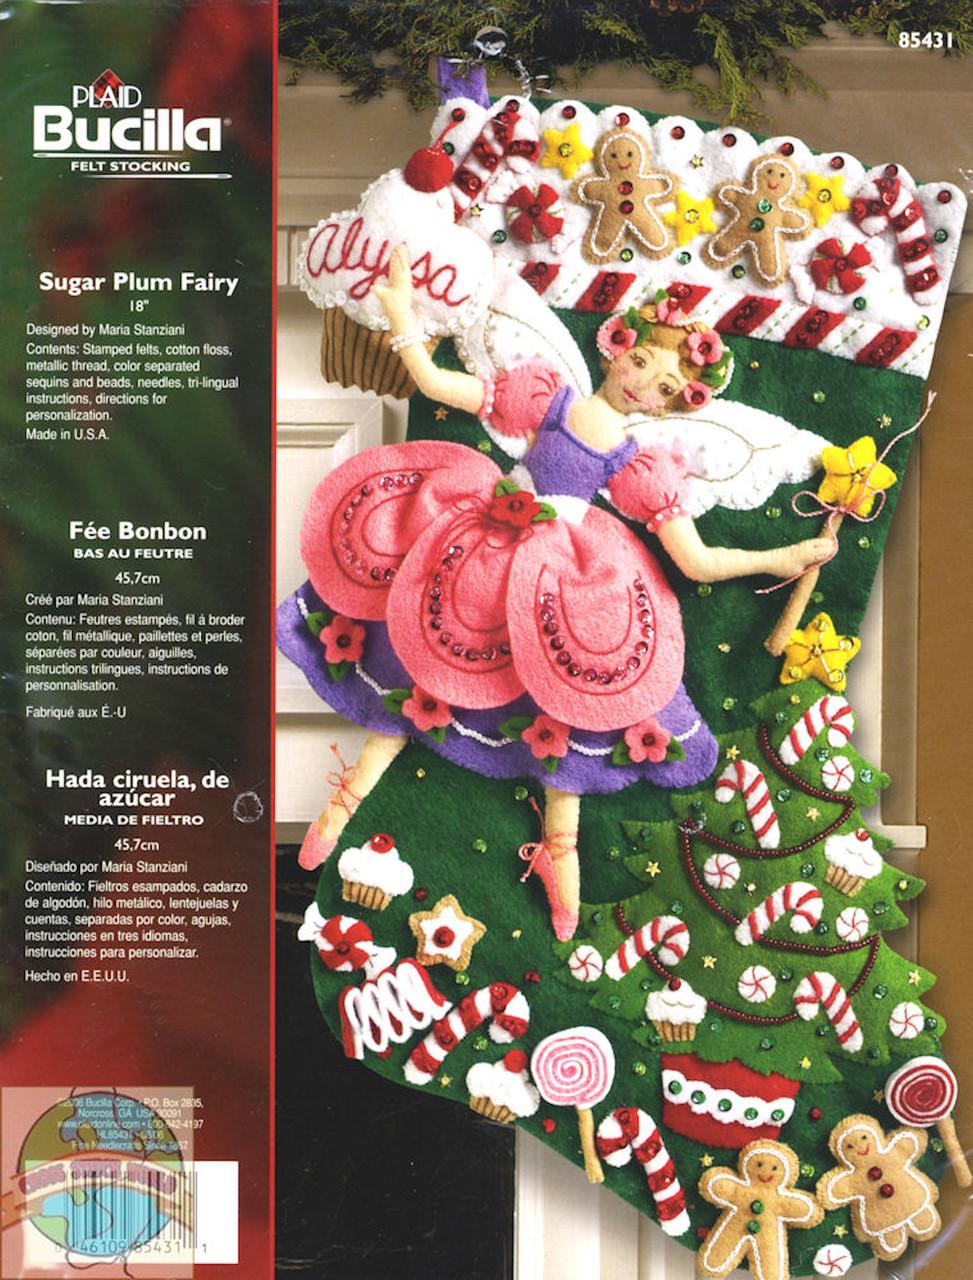 Plaid / Bucilla -  Sugar Plum Fairy Stocking